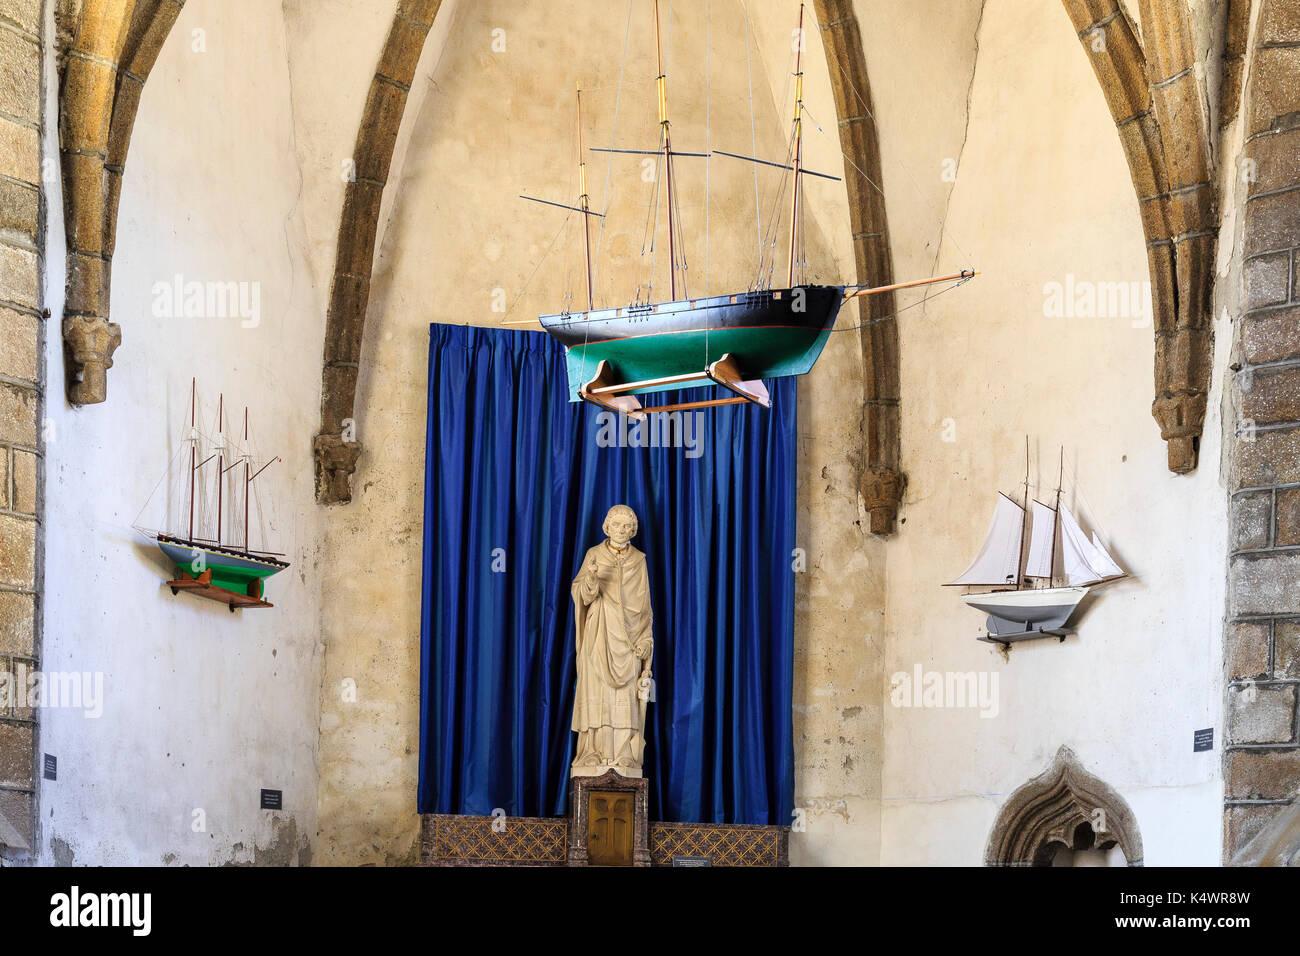 France, Manche (50), Cotentin, Granville, Ville Haute, église Notre-Dame-du-Cap-Lihou, ex-voto dans la chapelle latérale Saint Clément // France, Manc - Stock Image